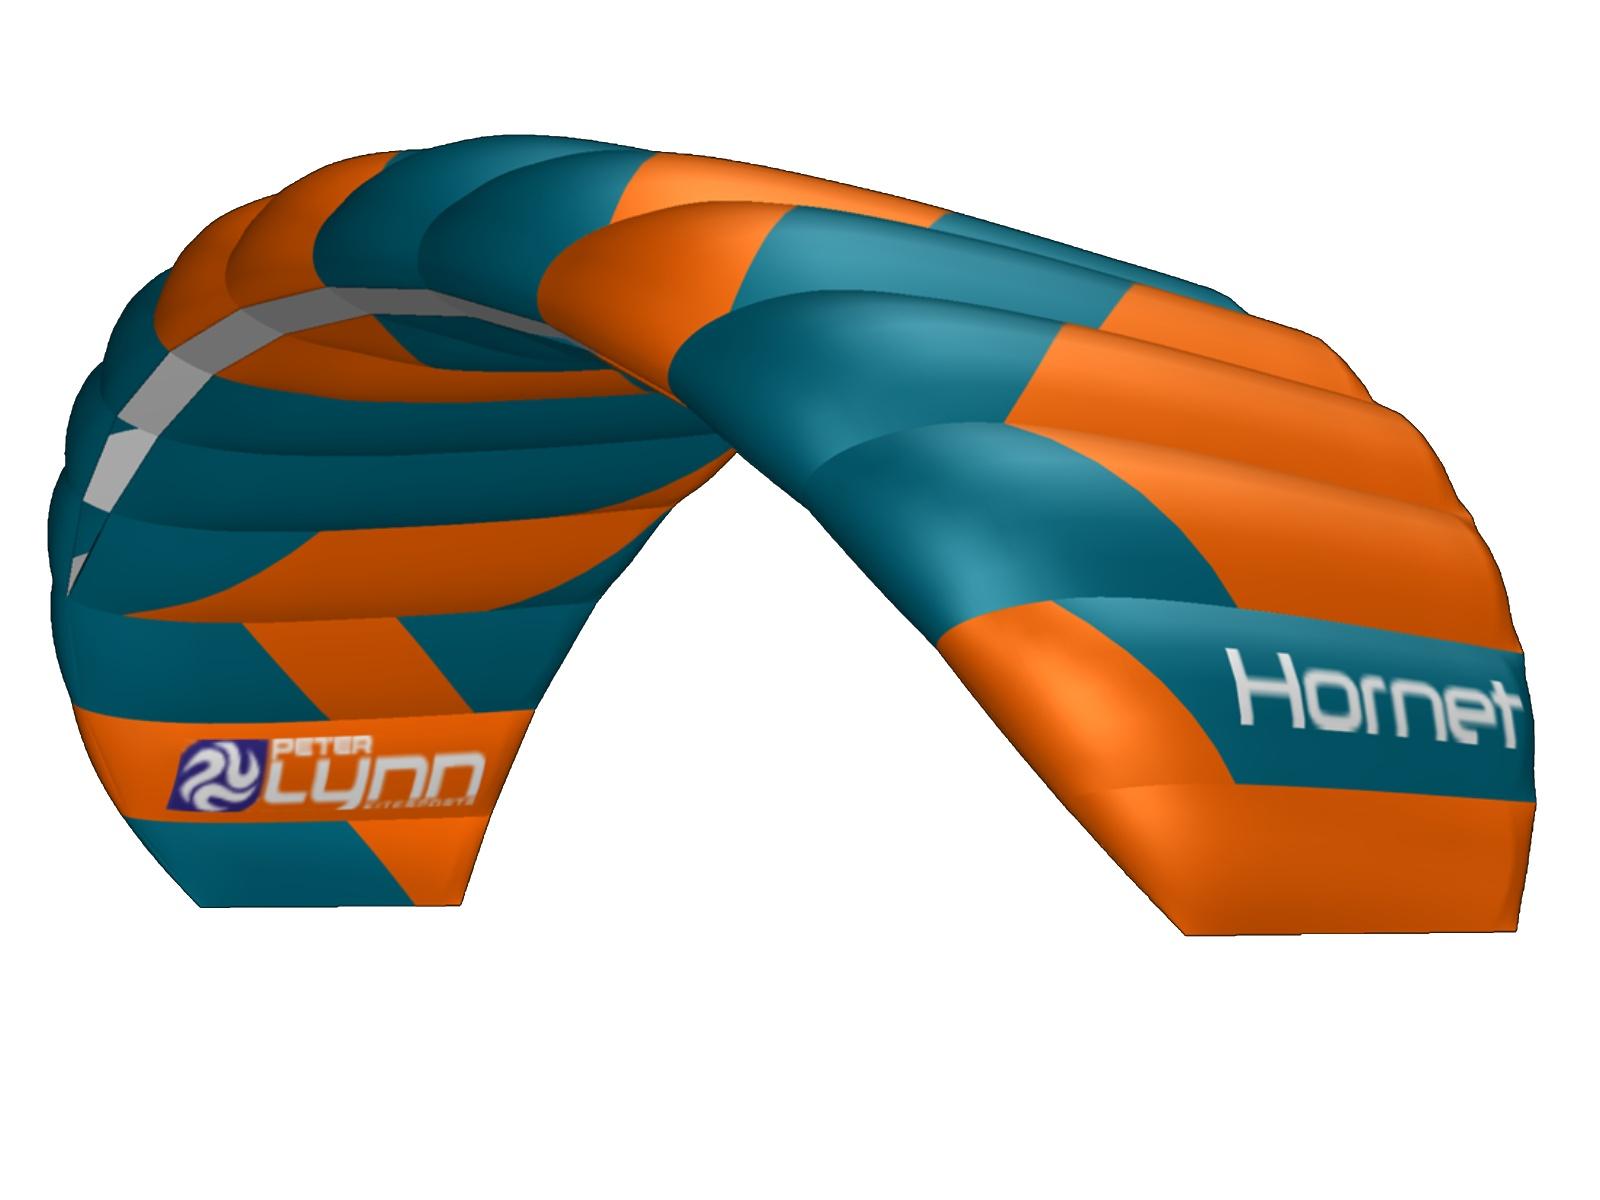 Kite komorový PETER LYNN Hornet - vel. 2 m ručky